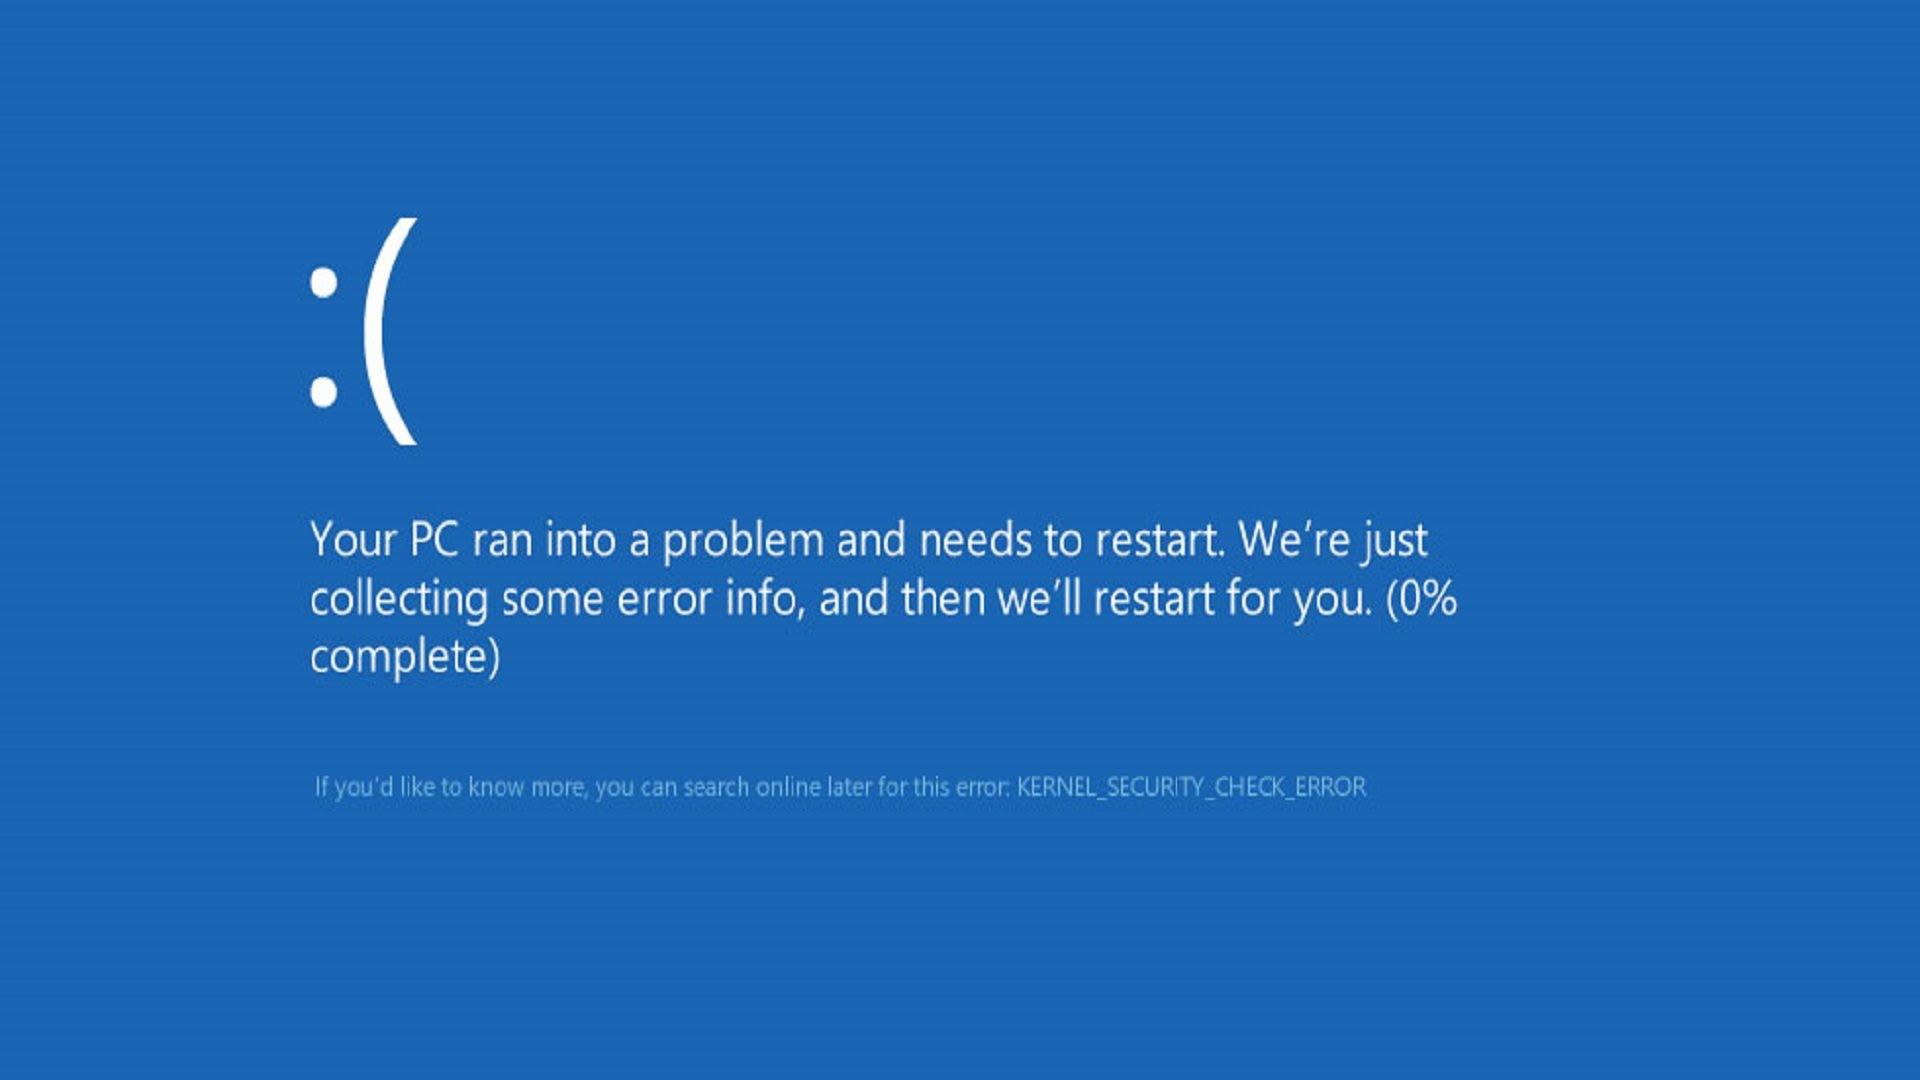 Jakość aktualizacji Windowsa może wystrzelić w górę. Odchodzi osoba, która wprowadziła zamieszanie